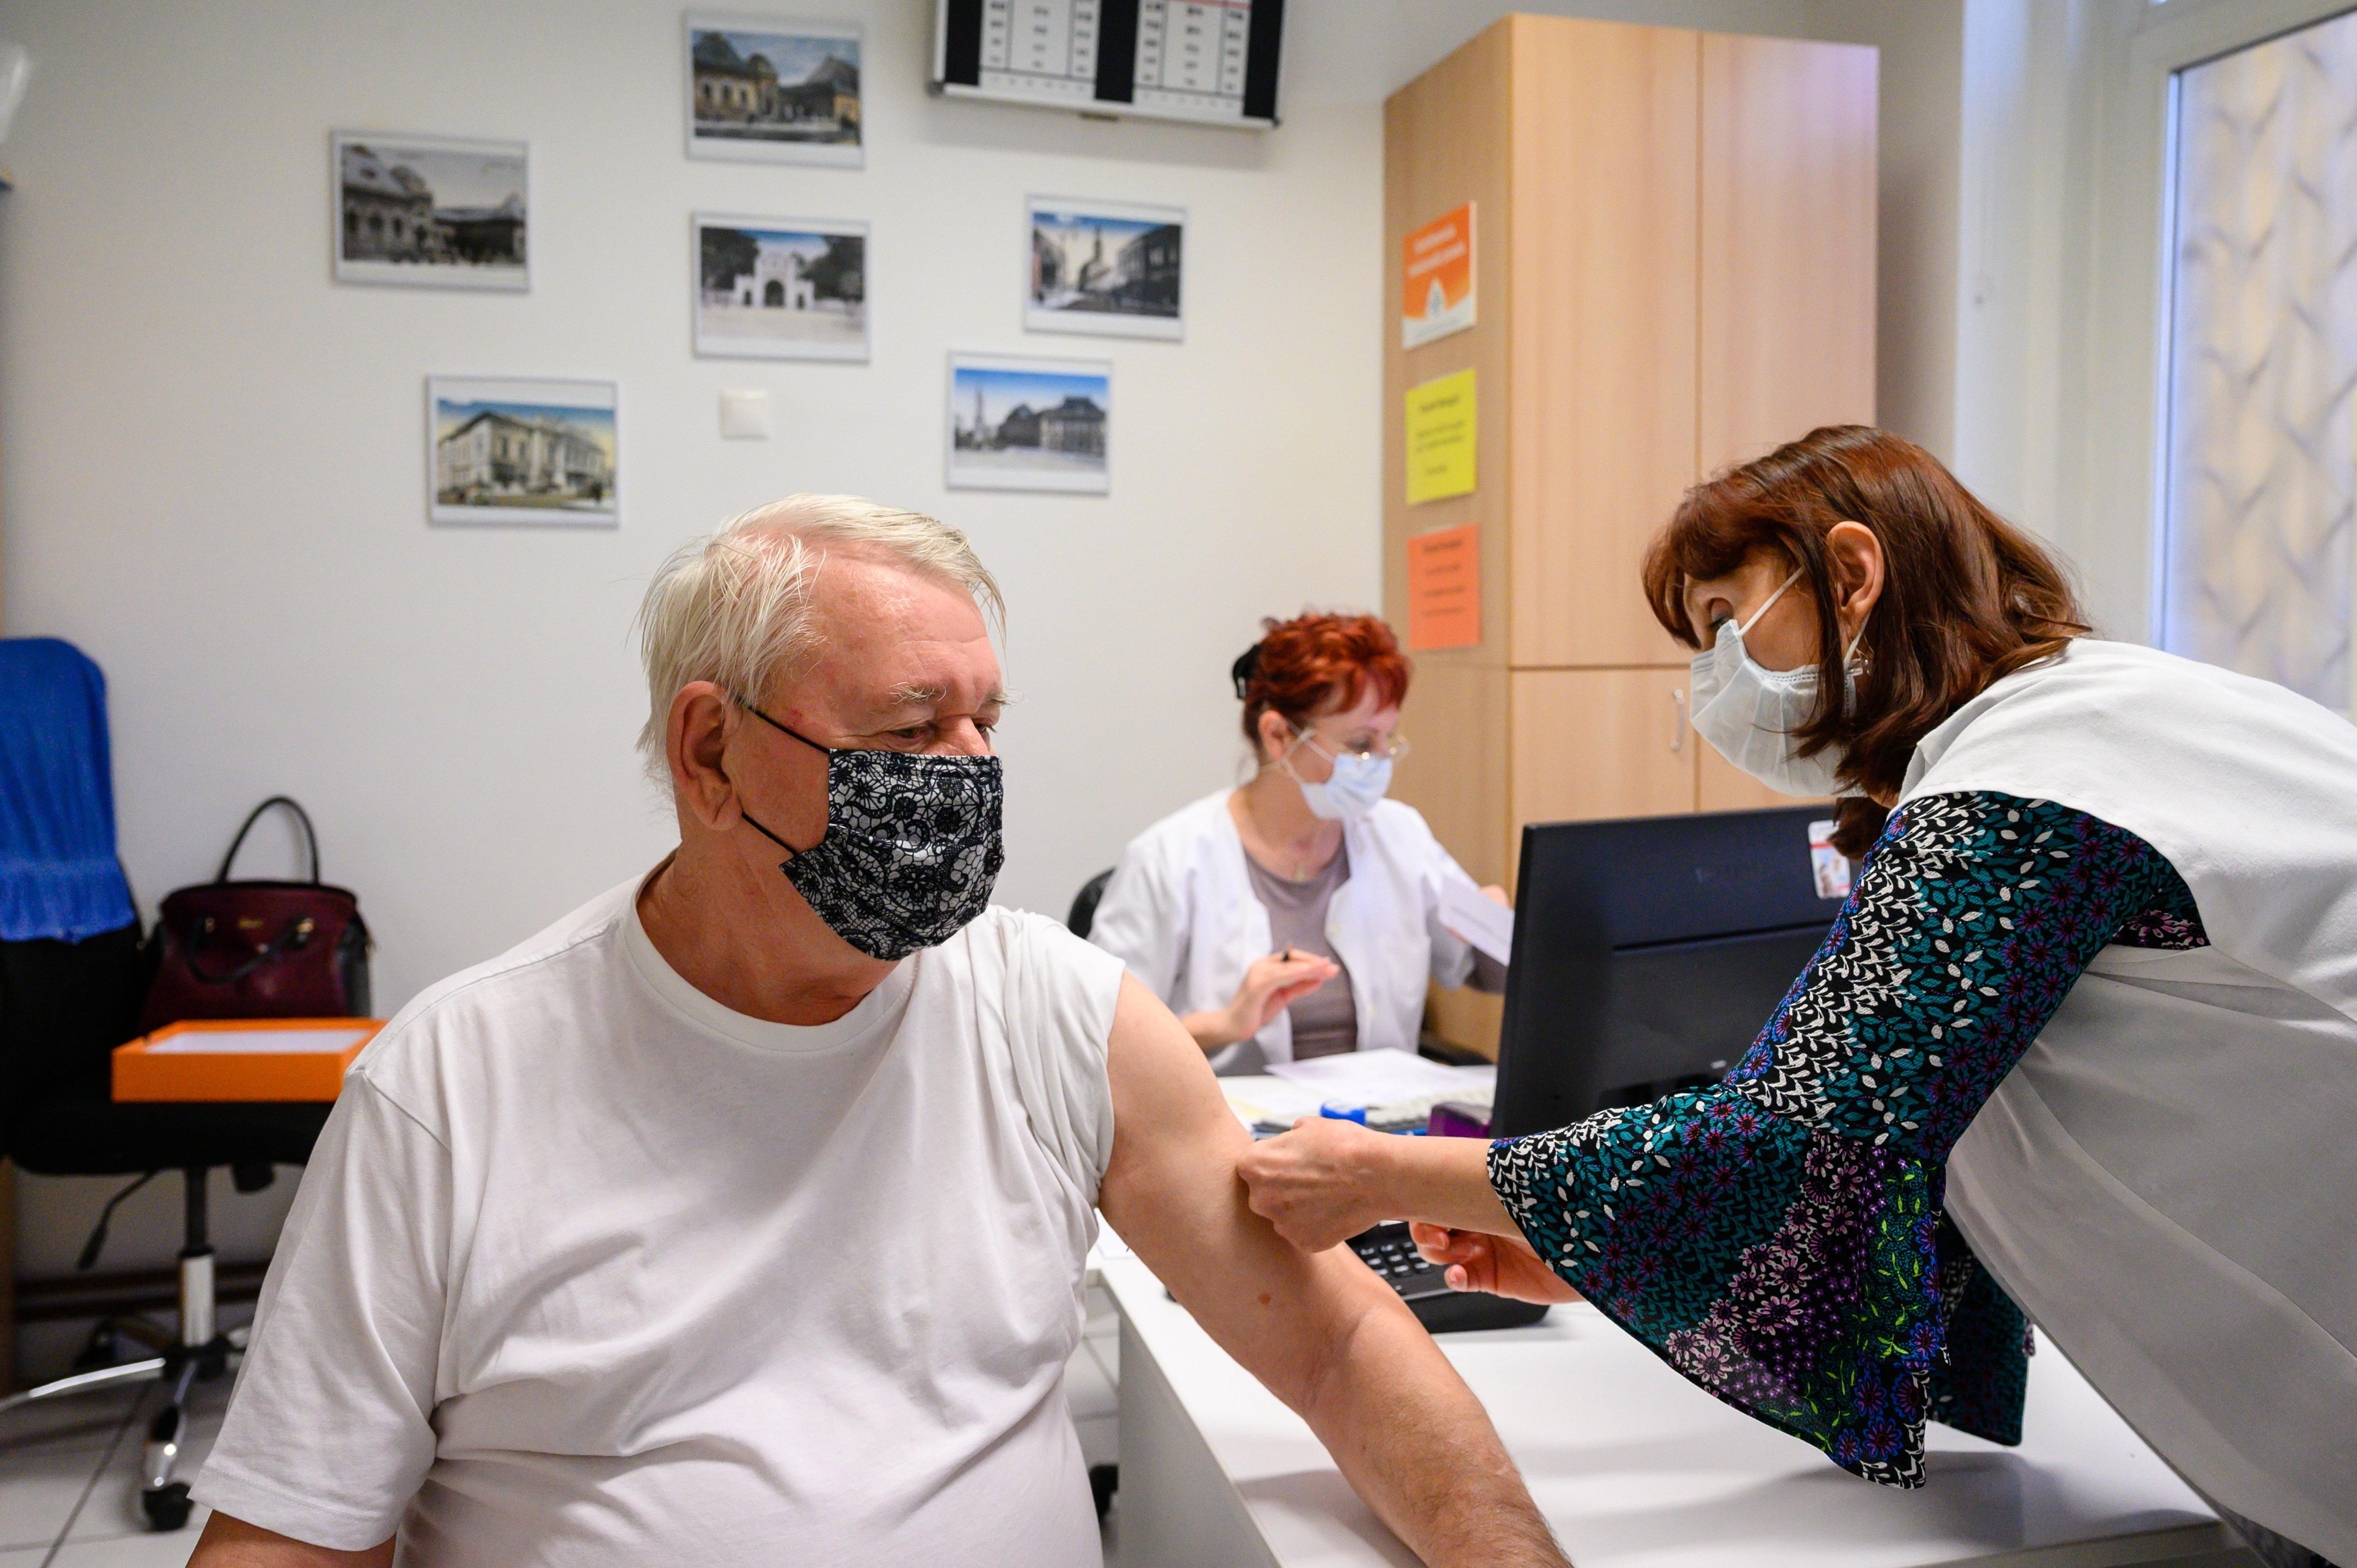 Európai Gyógyszerügynökség: Az AstraZeneca továbbra is engedélyezett minden korosztálynak